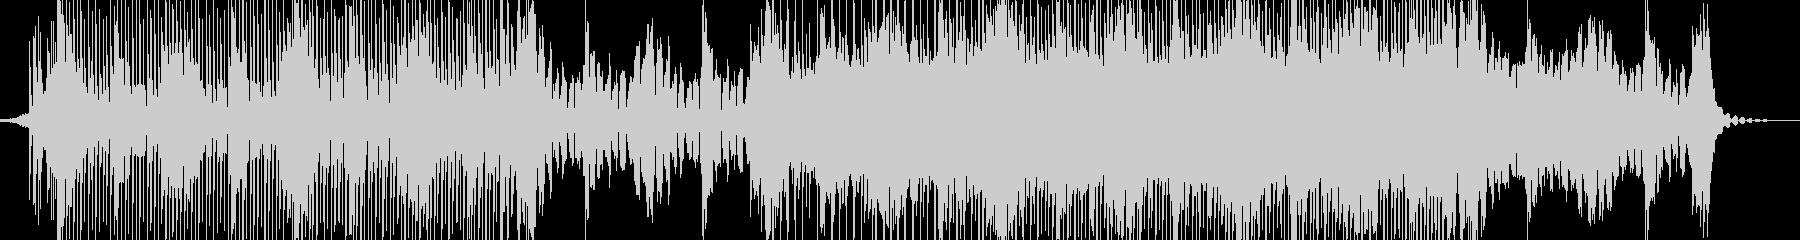 シンプルなレトロウェーヴの未再生の波形